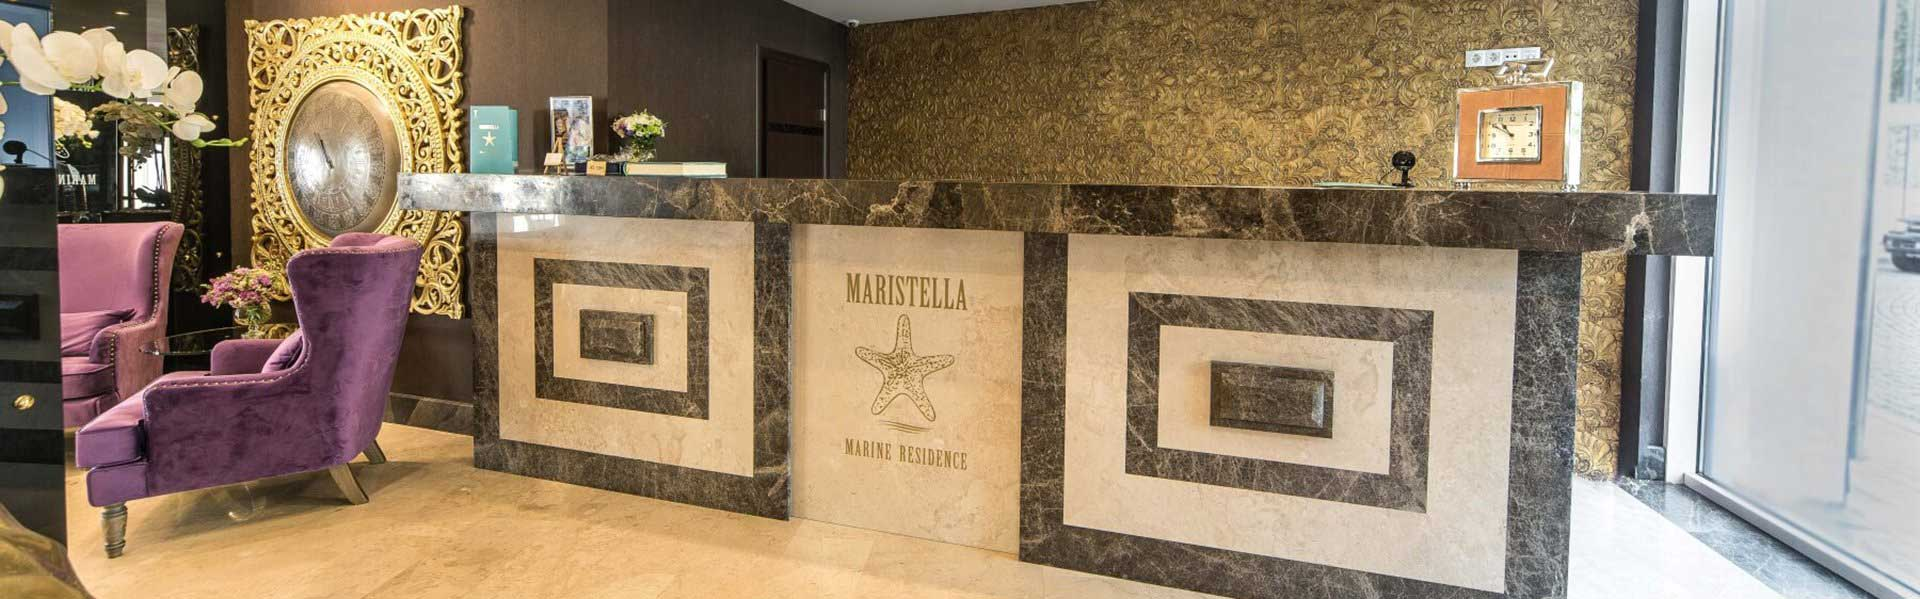 Номера Maristella Marine Residence